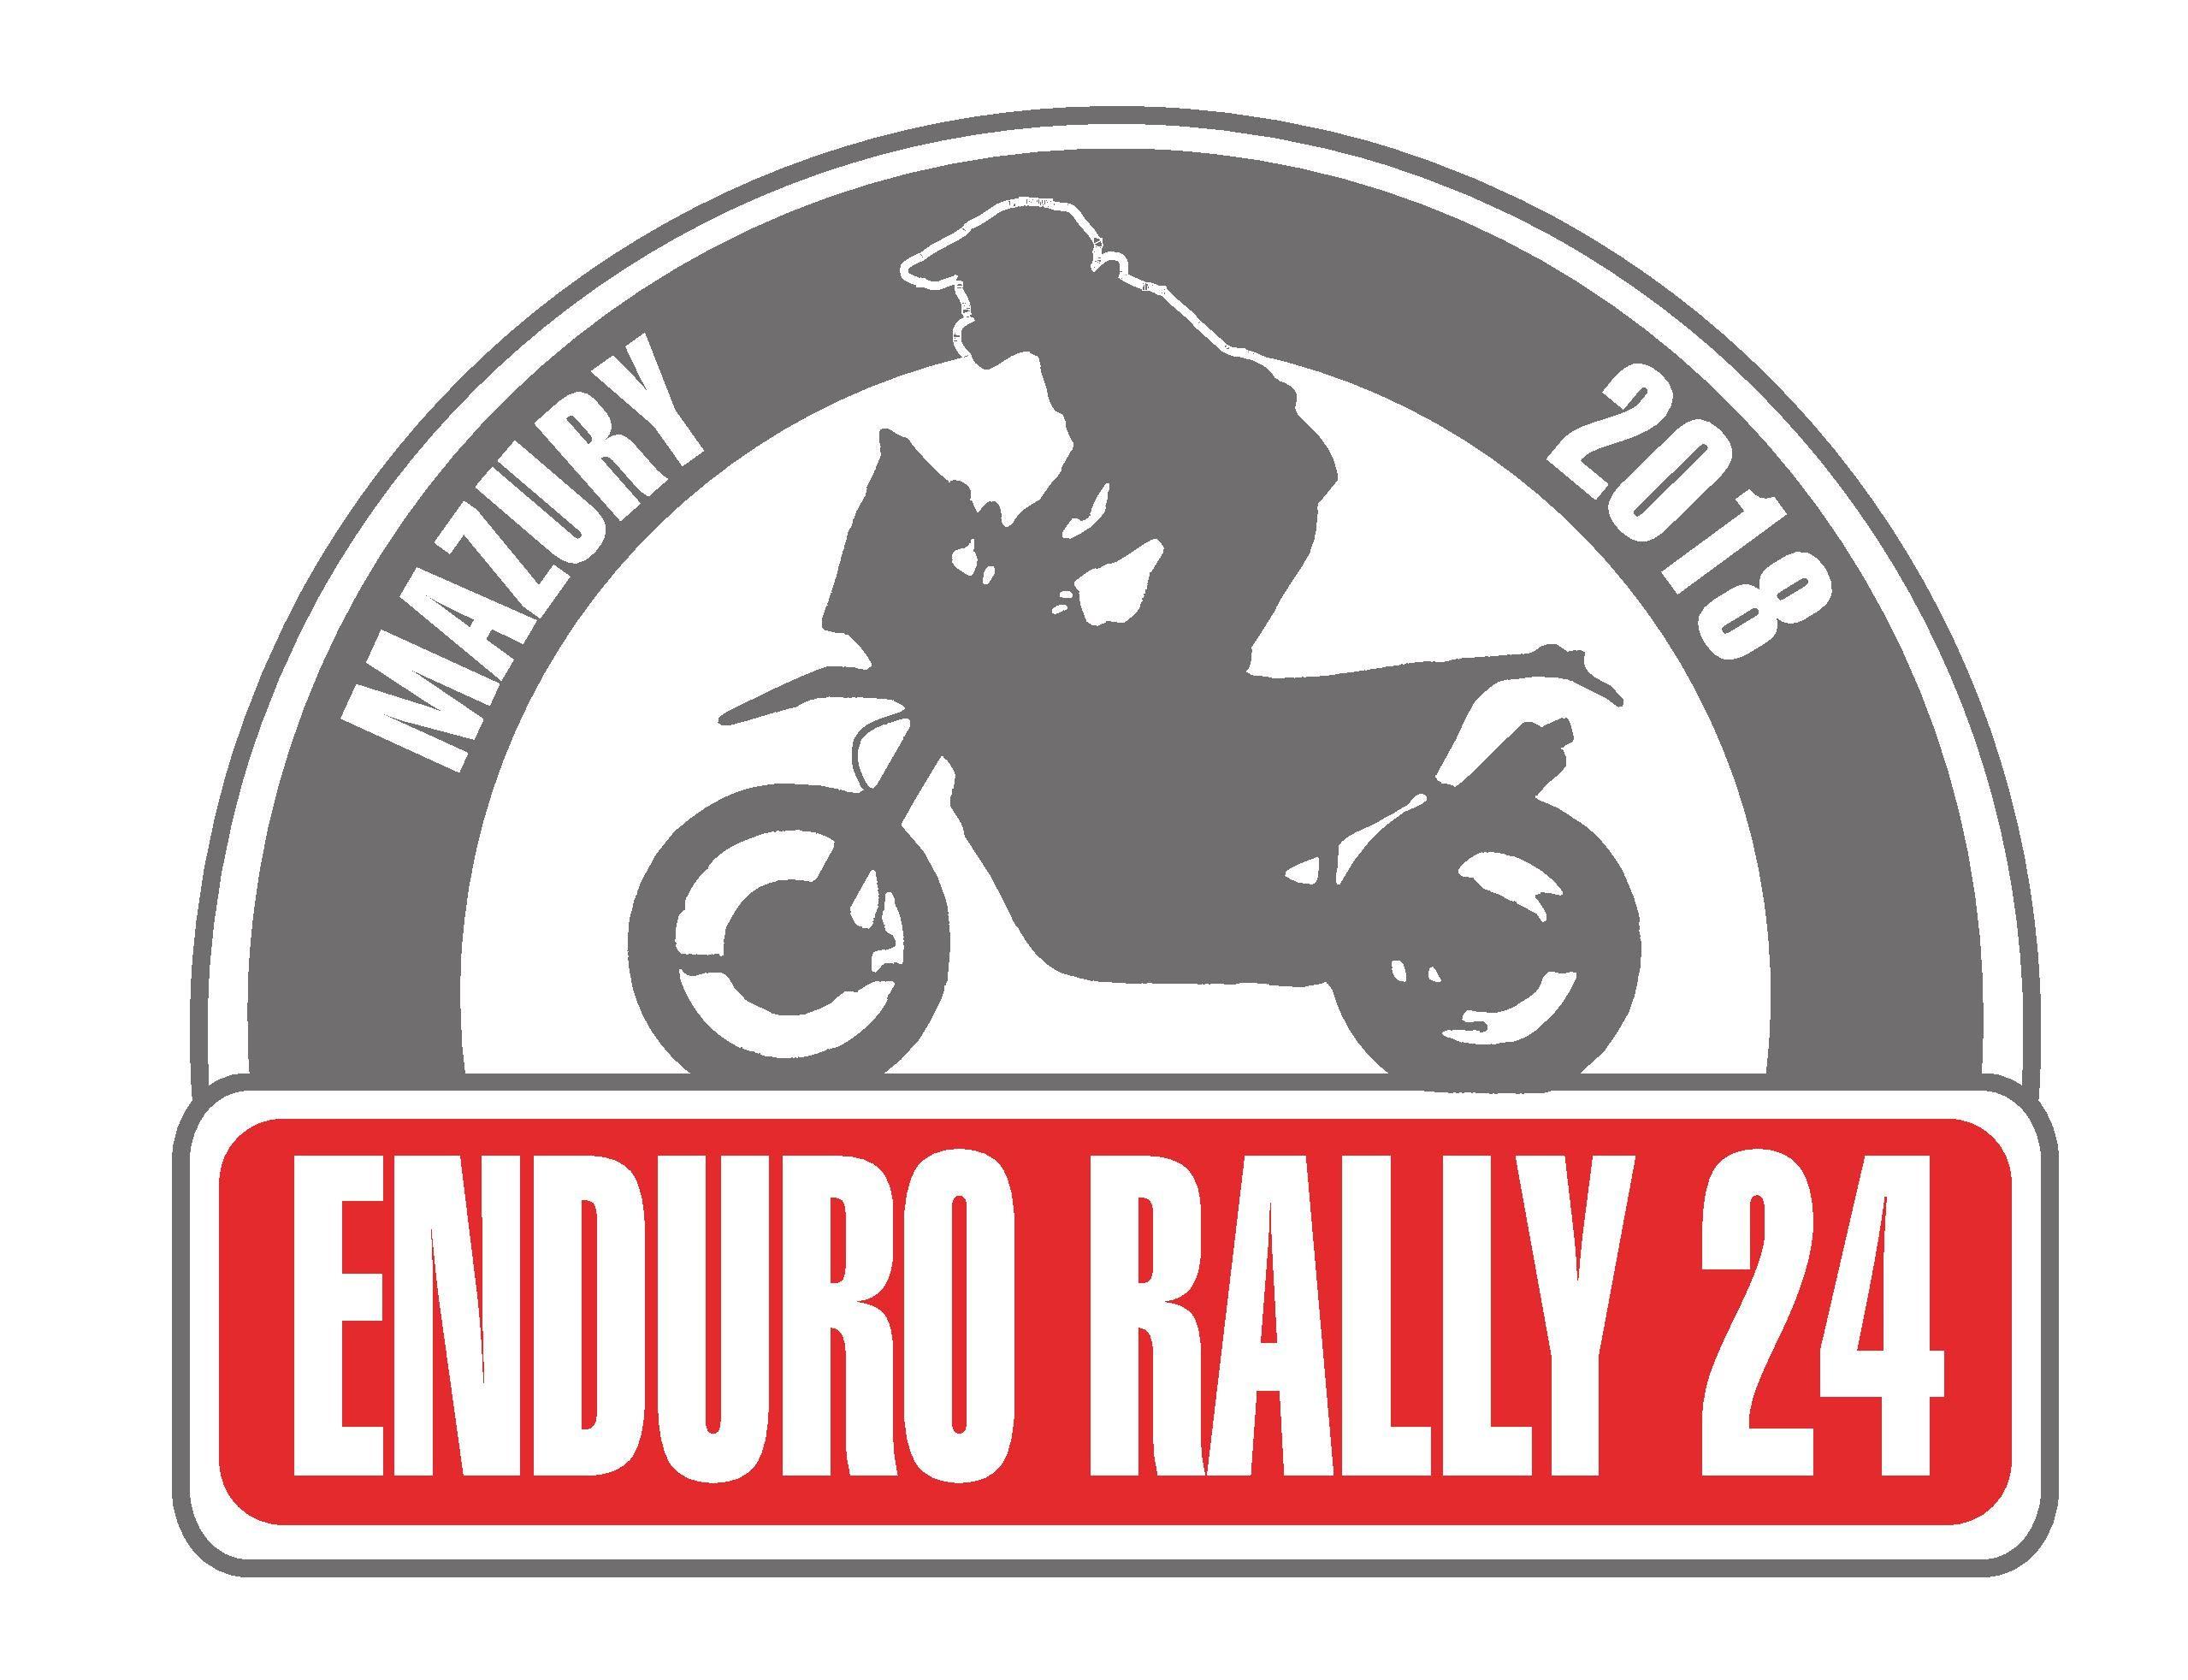 Logo Enduro Rally 24